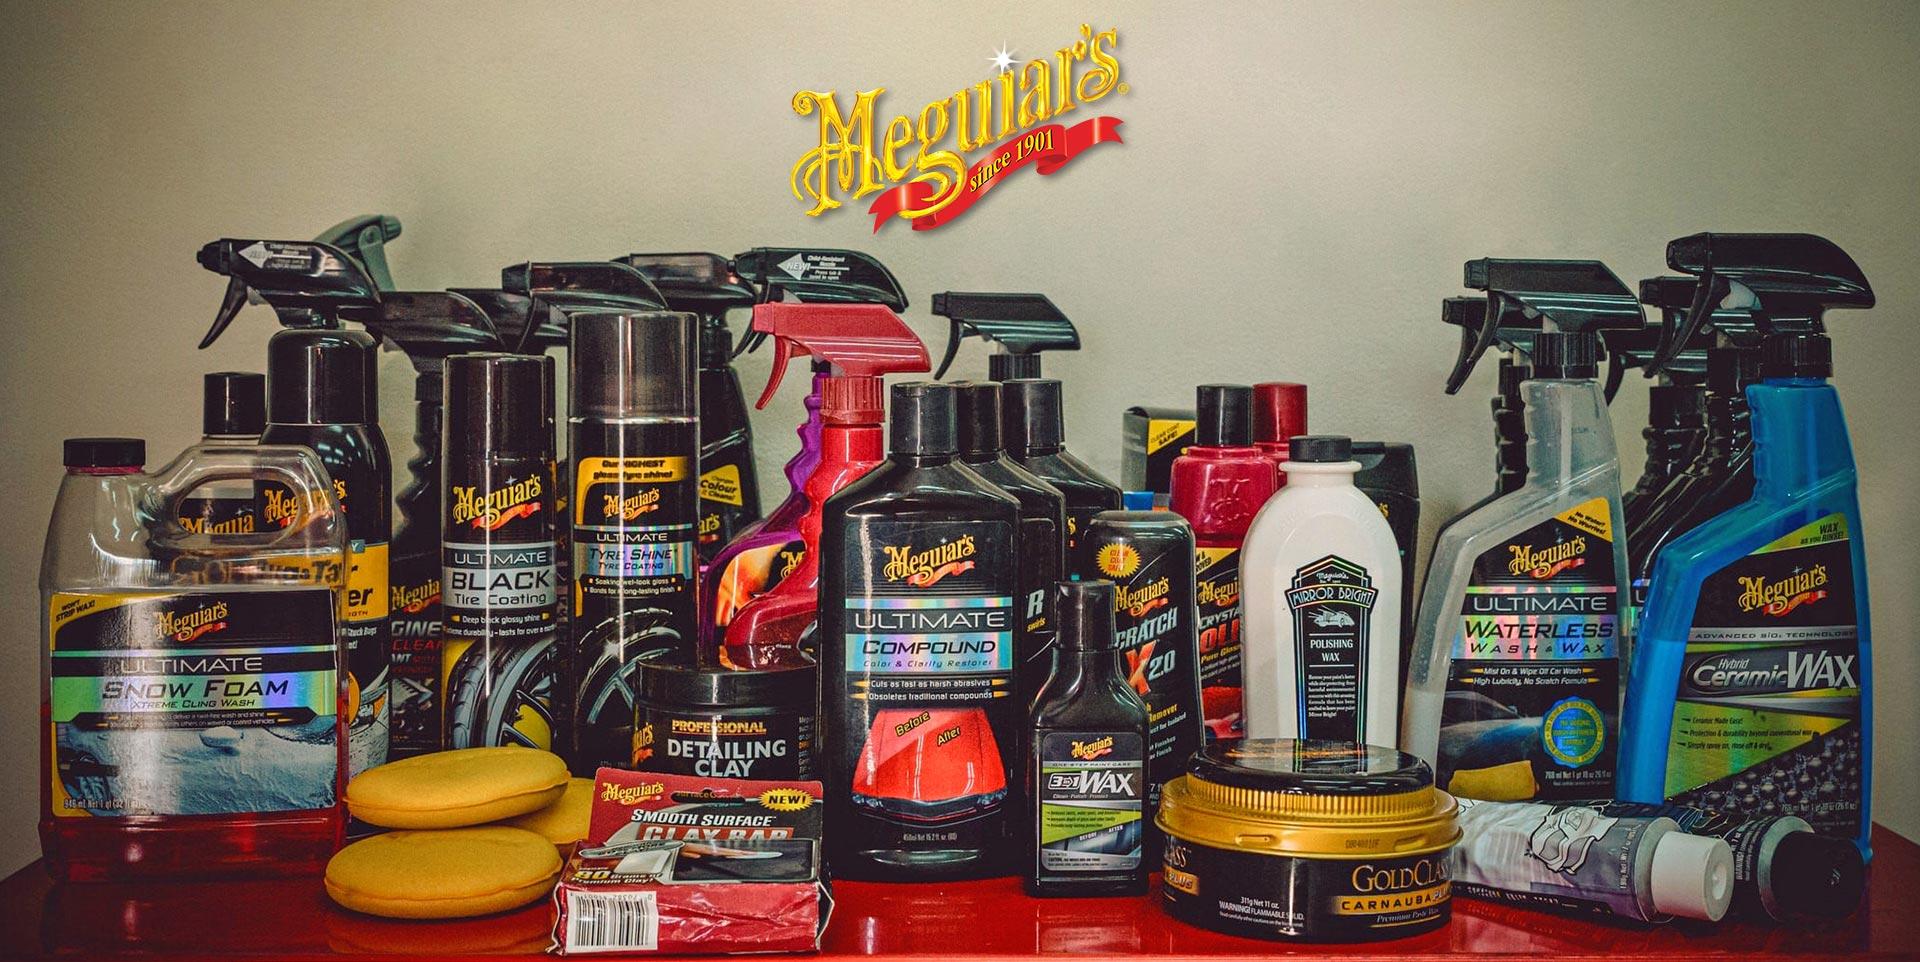 Προϊόντα Meguiar's